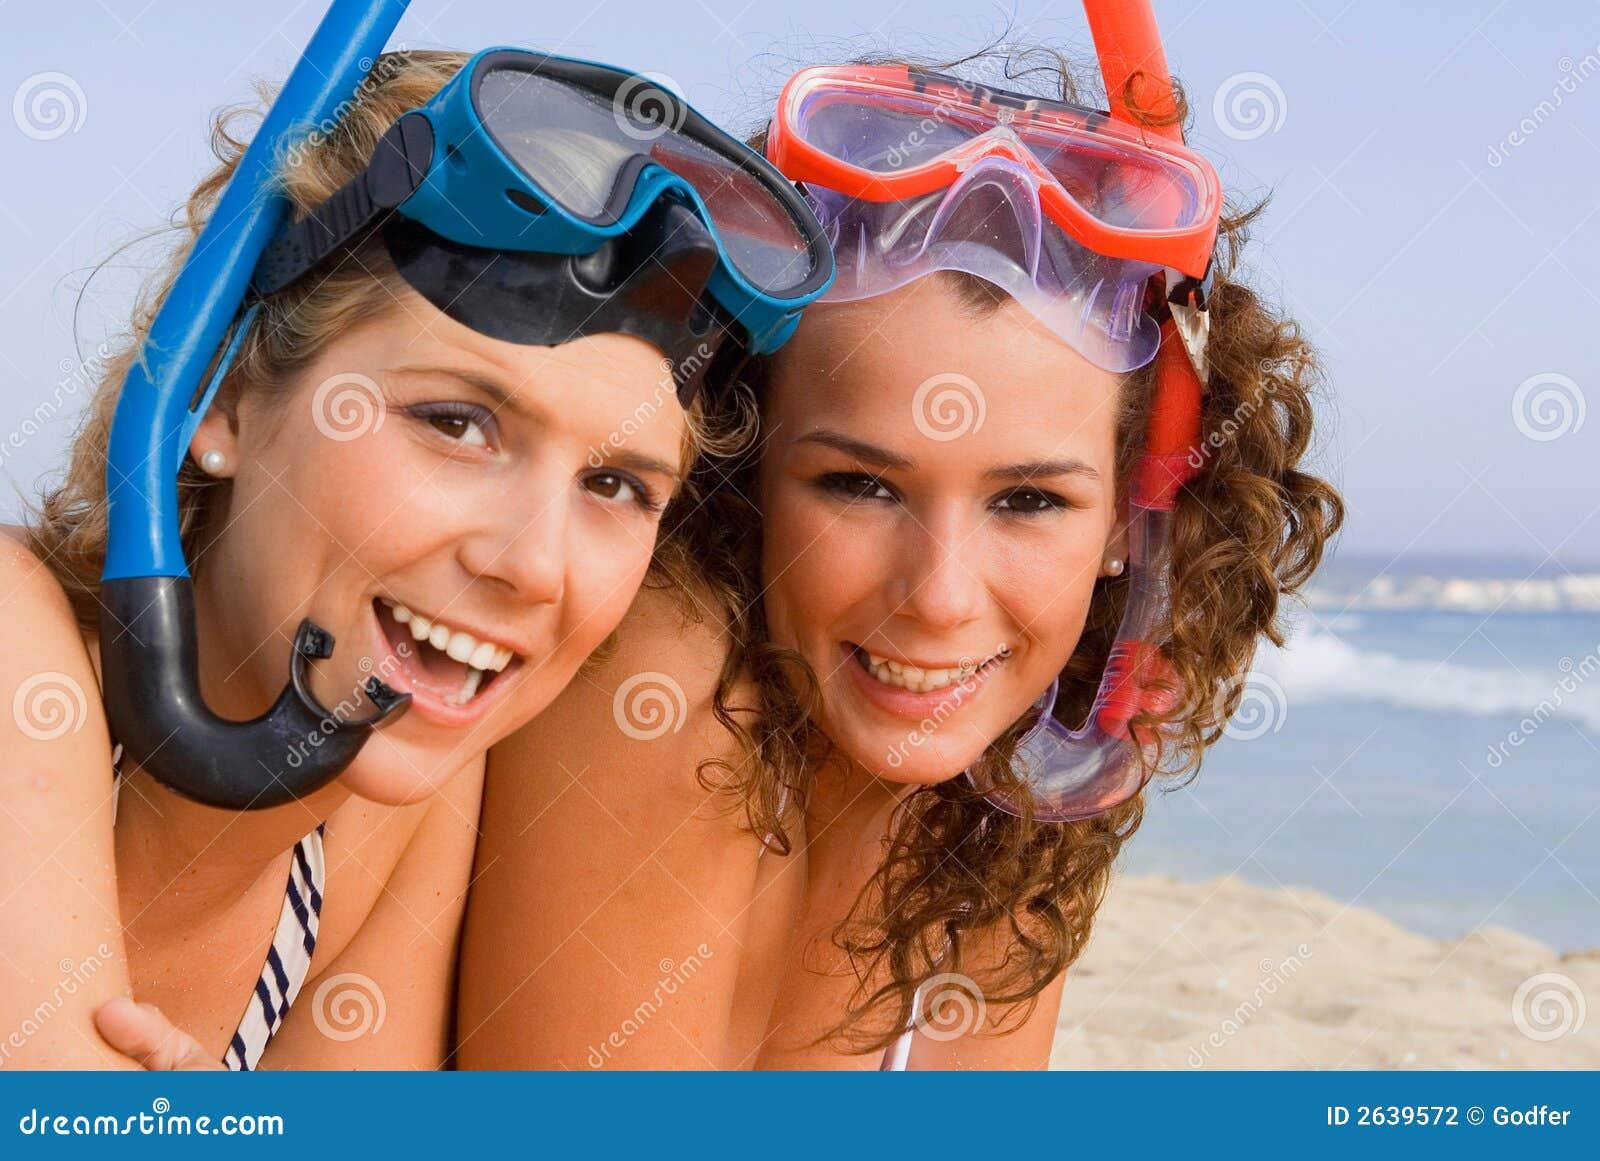 Spaß auf Sommerstrandferien